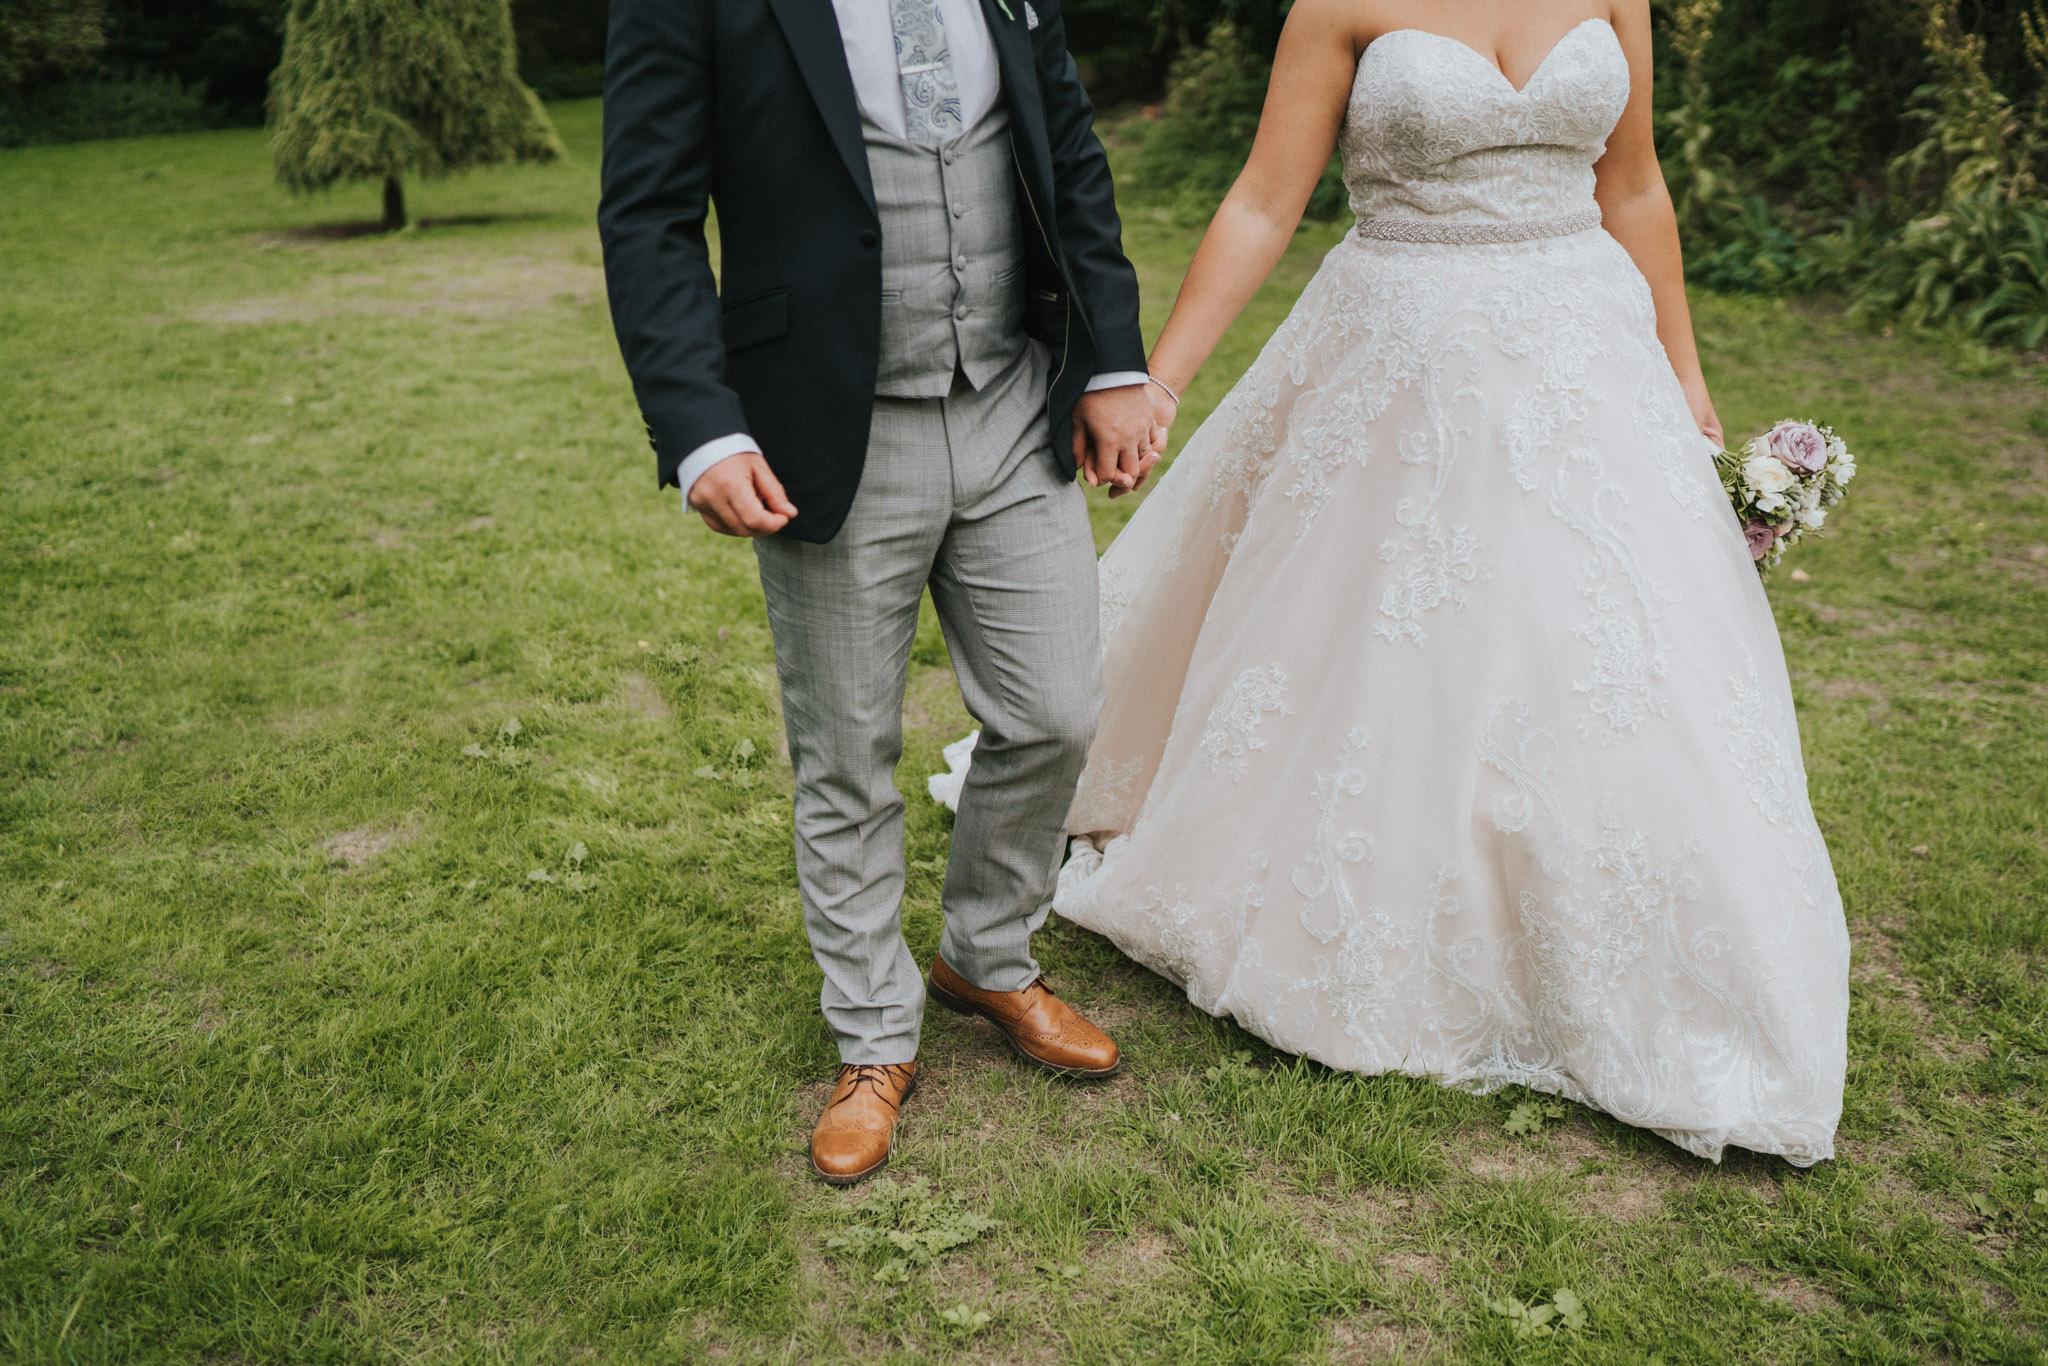 Sarah-Paul-Essex-Barn-Wedding-Previews-Grace-Elizabeth-Essex-Alternative-Wedding-Photographer-Colchester-Essex-Suffolk-Norfolk-Devon (23 of 32).jpg